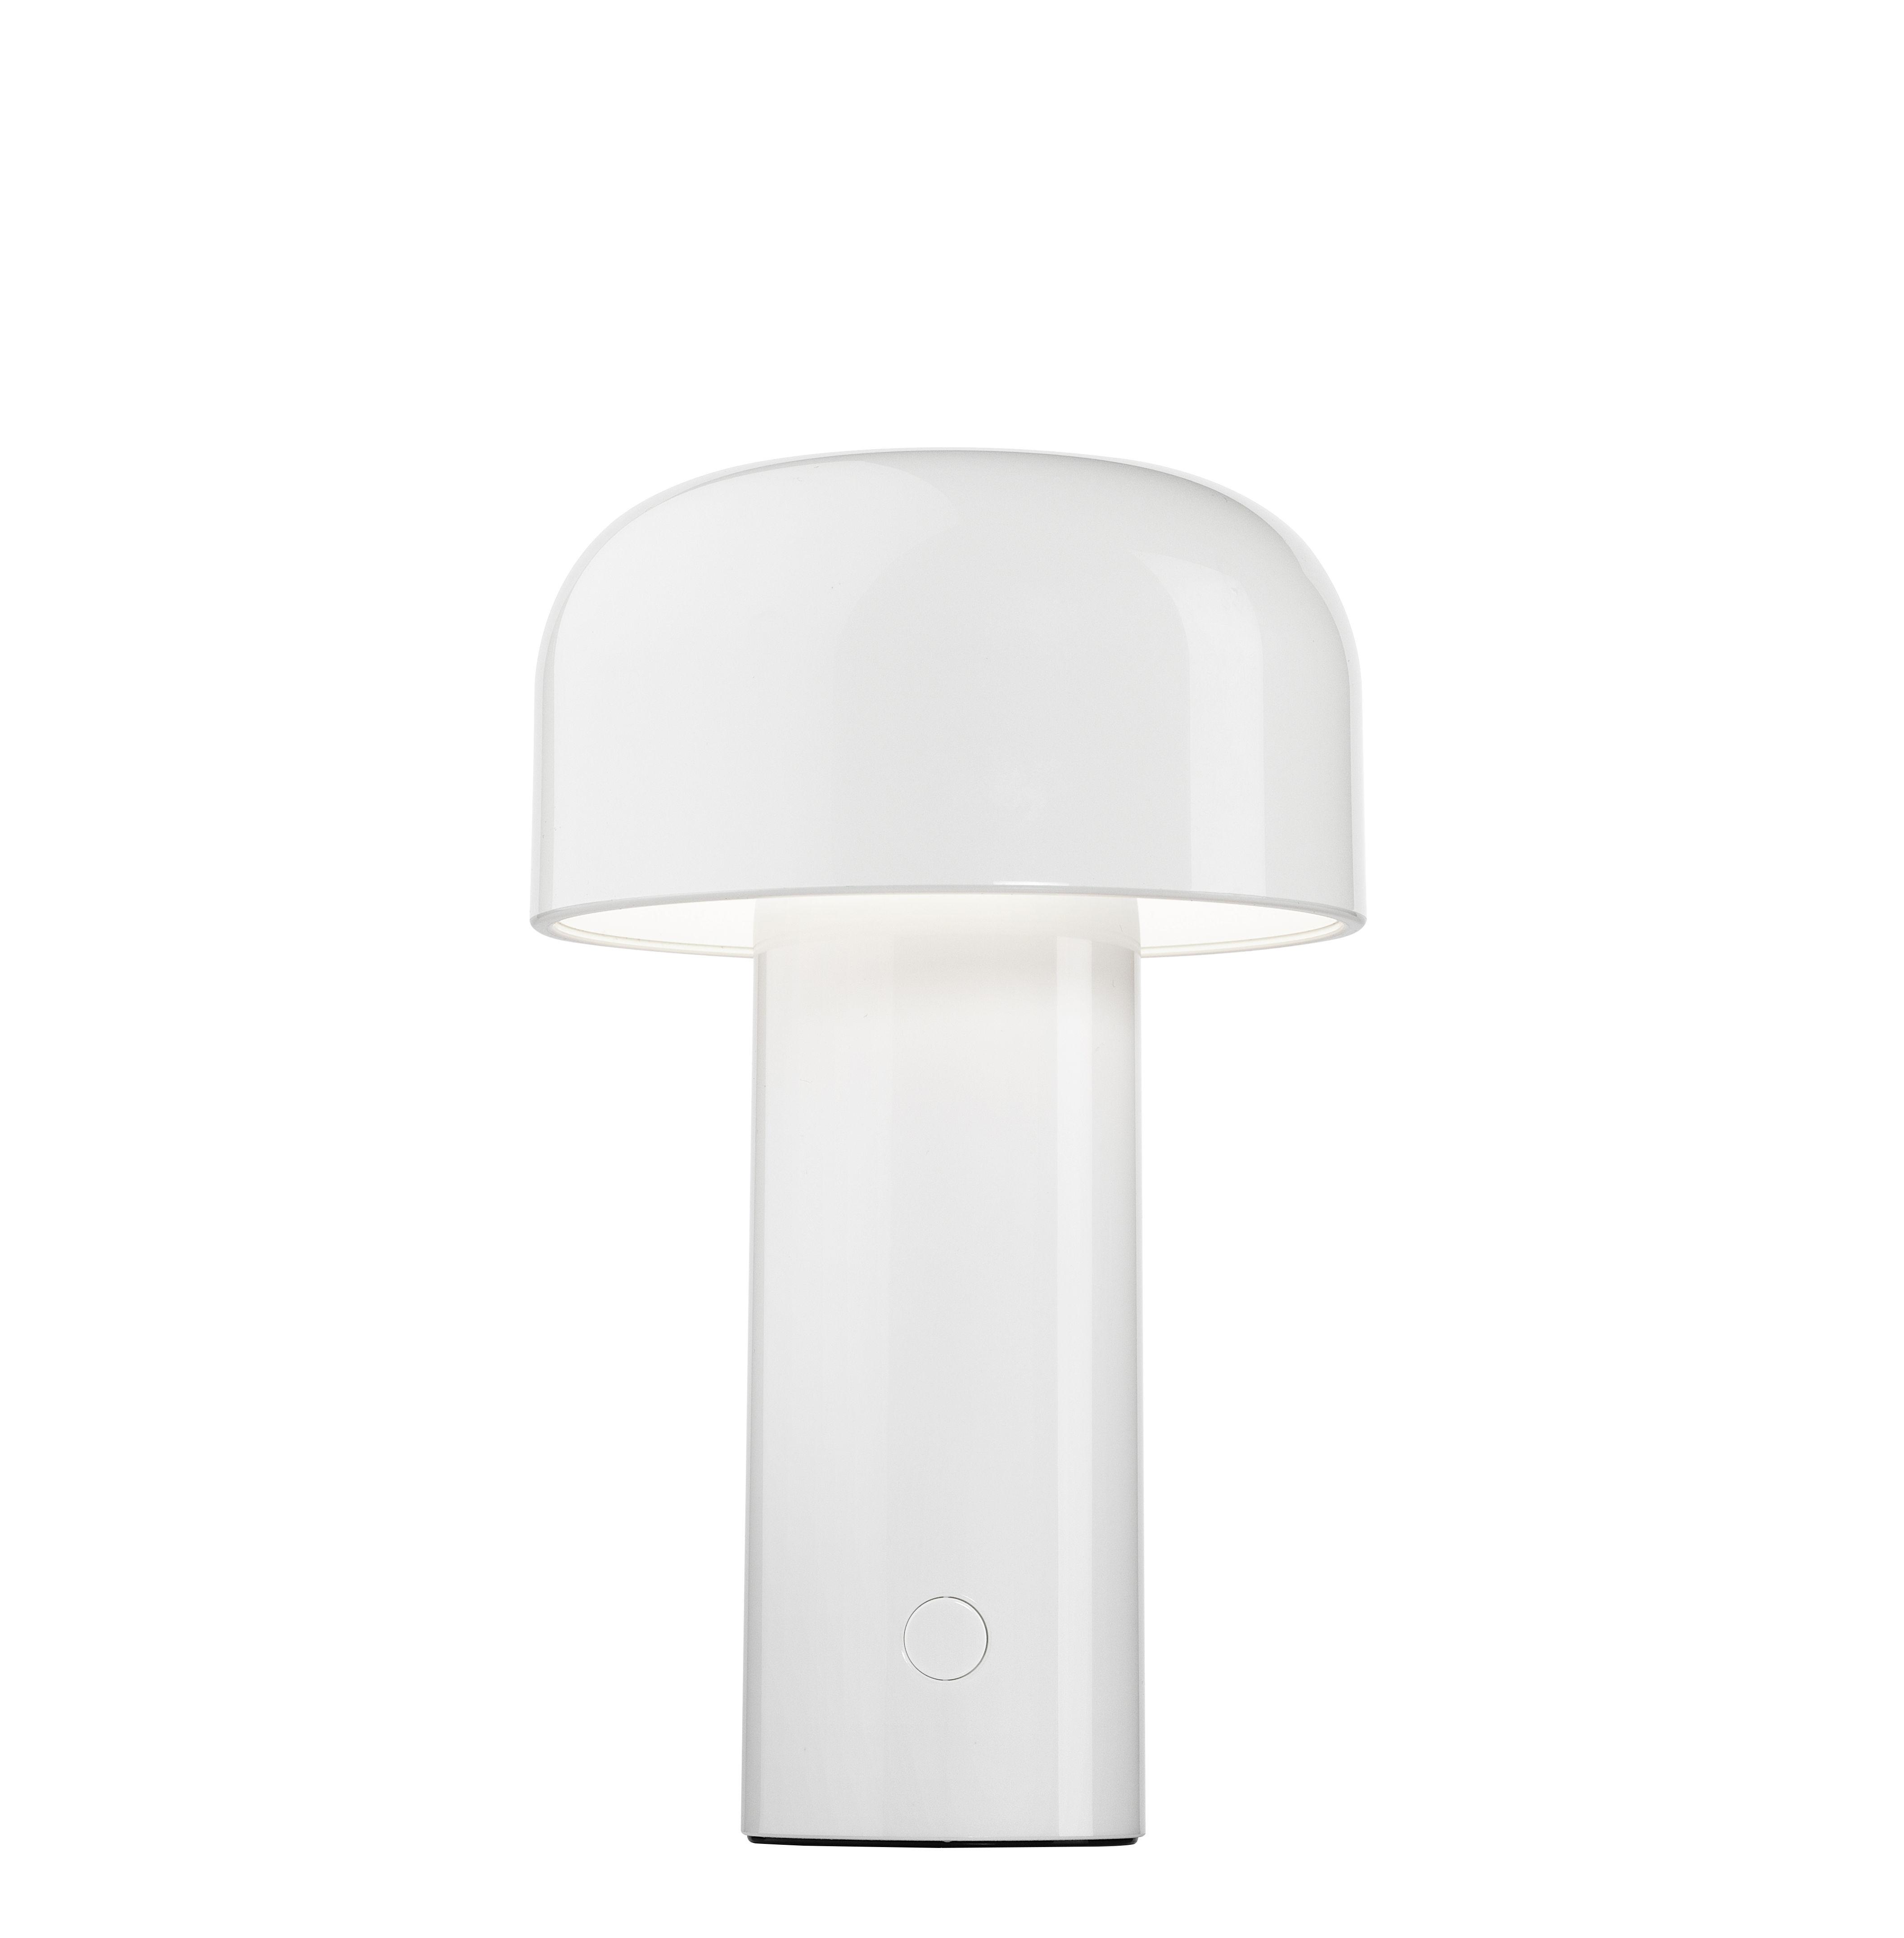 Leuchten - Tischleuchten - Bellhop Tischleuchte / kabellos - mit USB-Ladeoption - Flos - Weiß - Polykarbonat